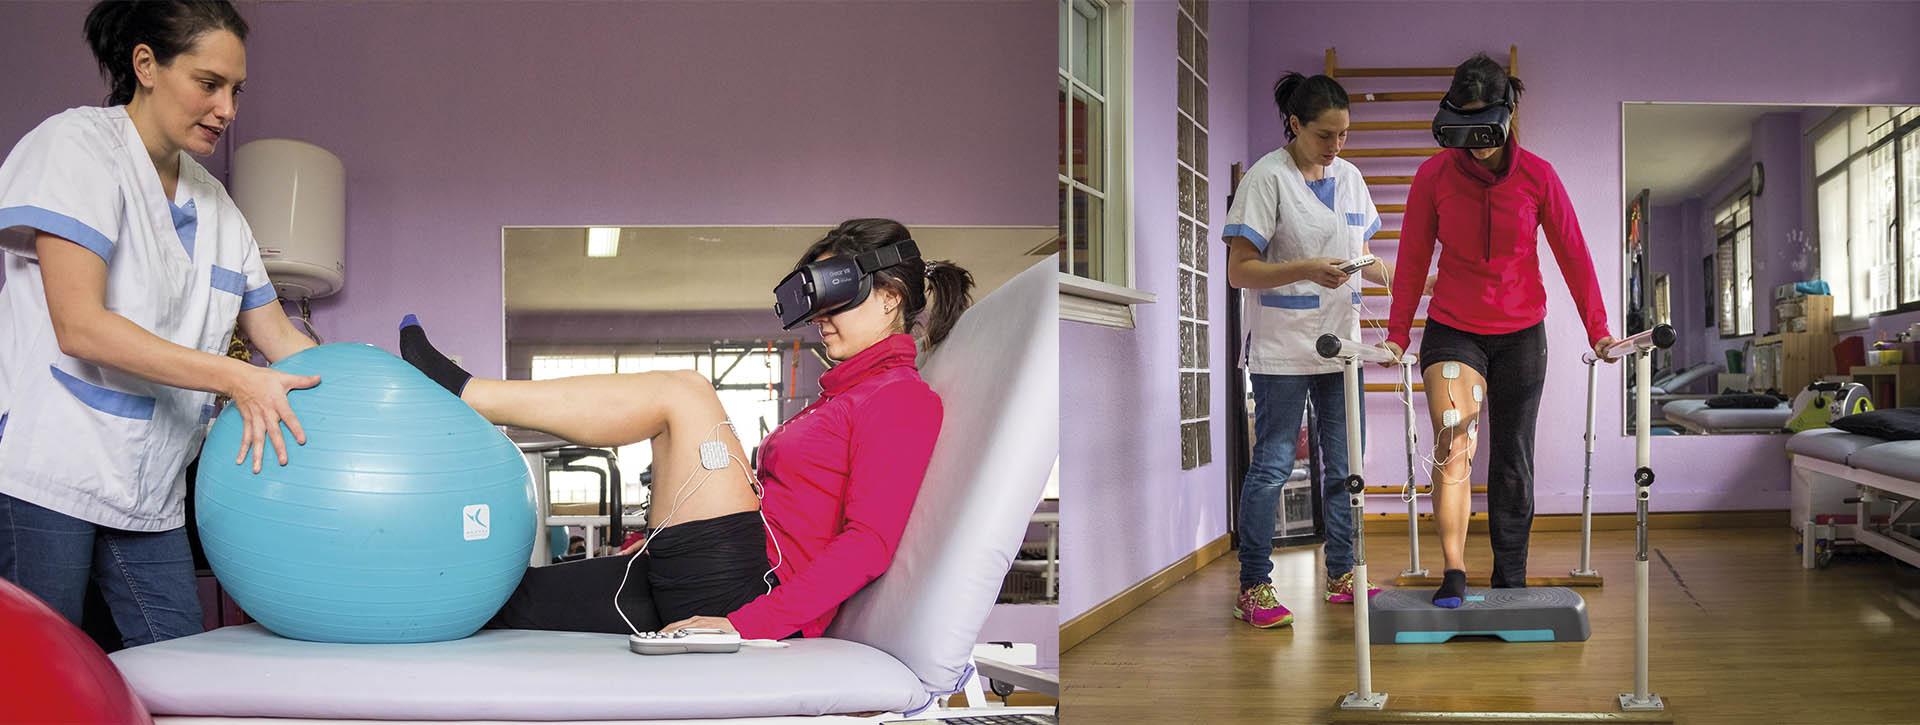 tratamiento con realidad virtual